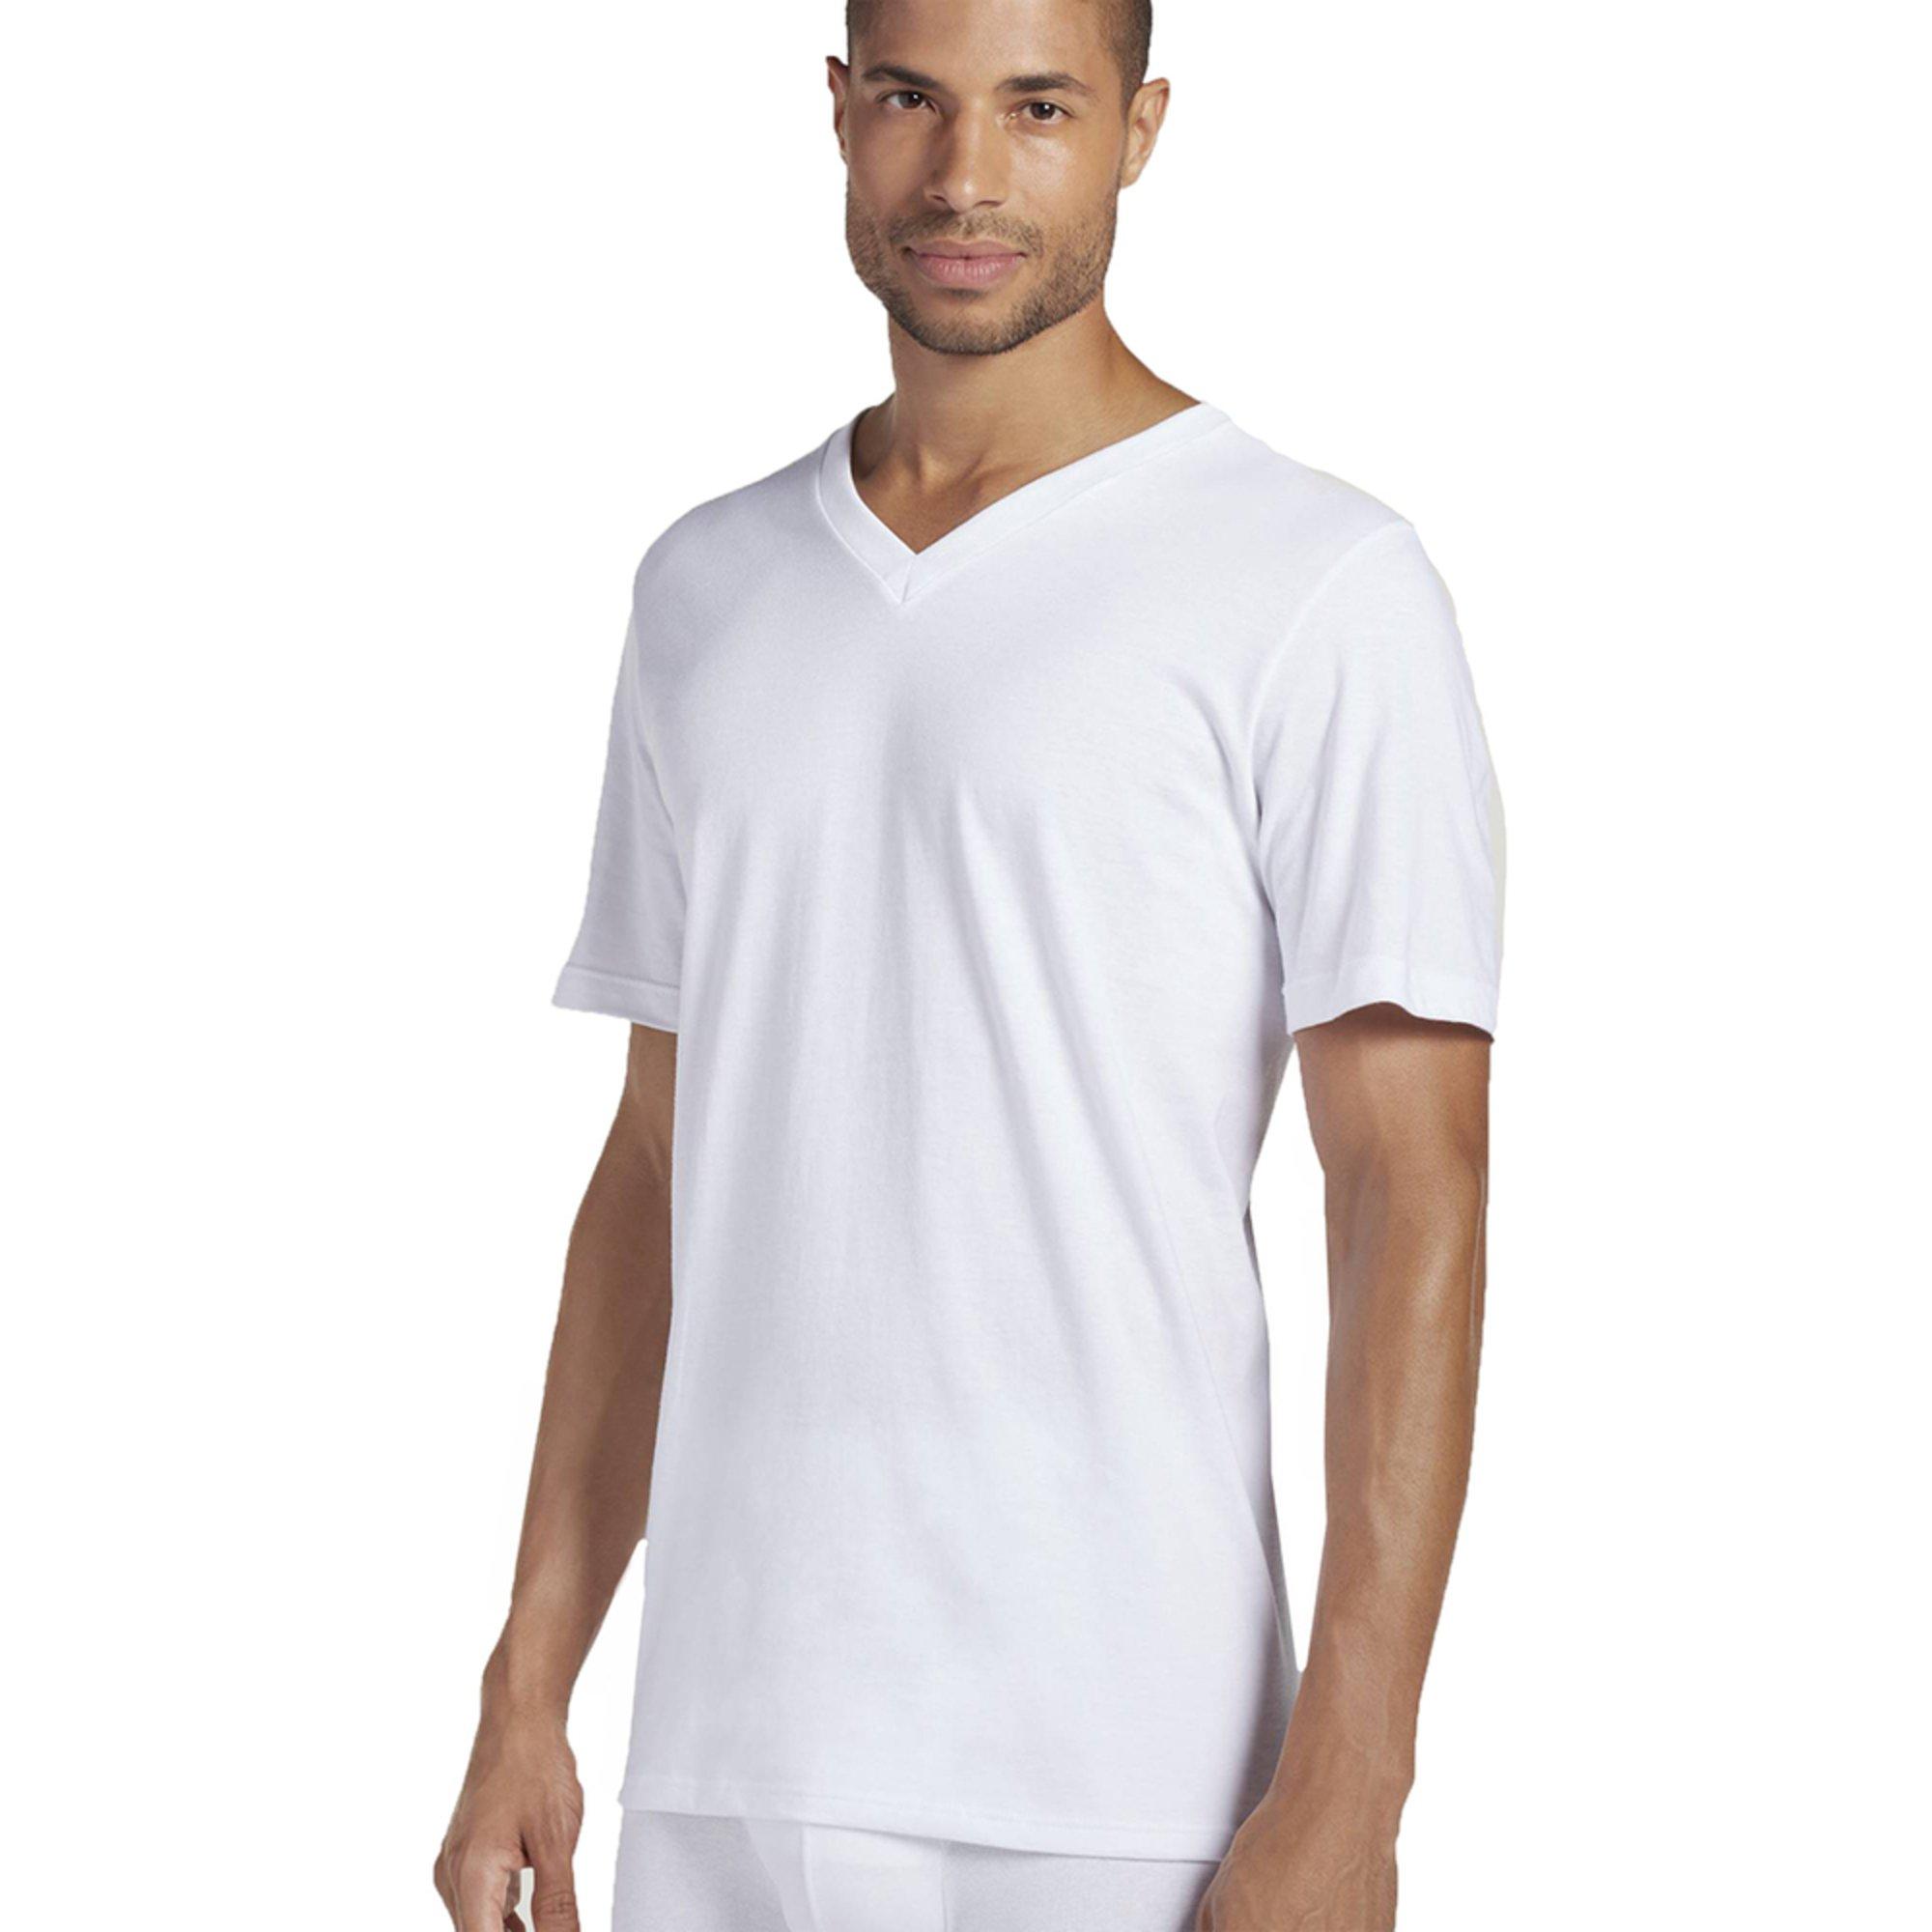 96eaad8b Jockey Men's V-neck T-shirt 3-pack - White | Men's Underwear ...